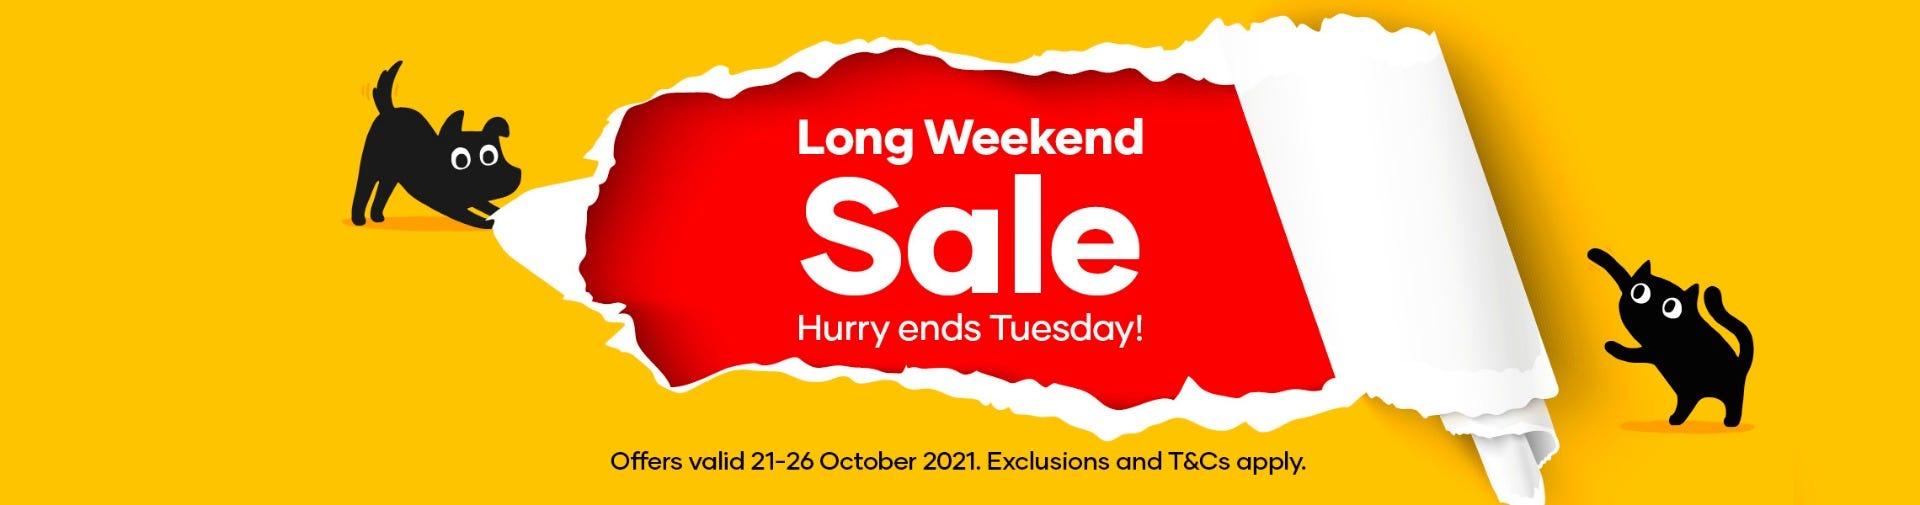 Long Weekend Sale!